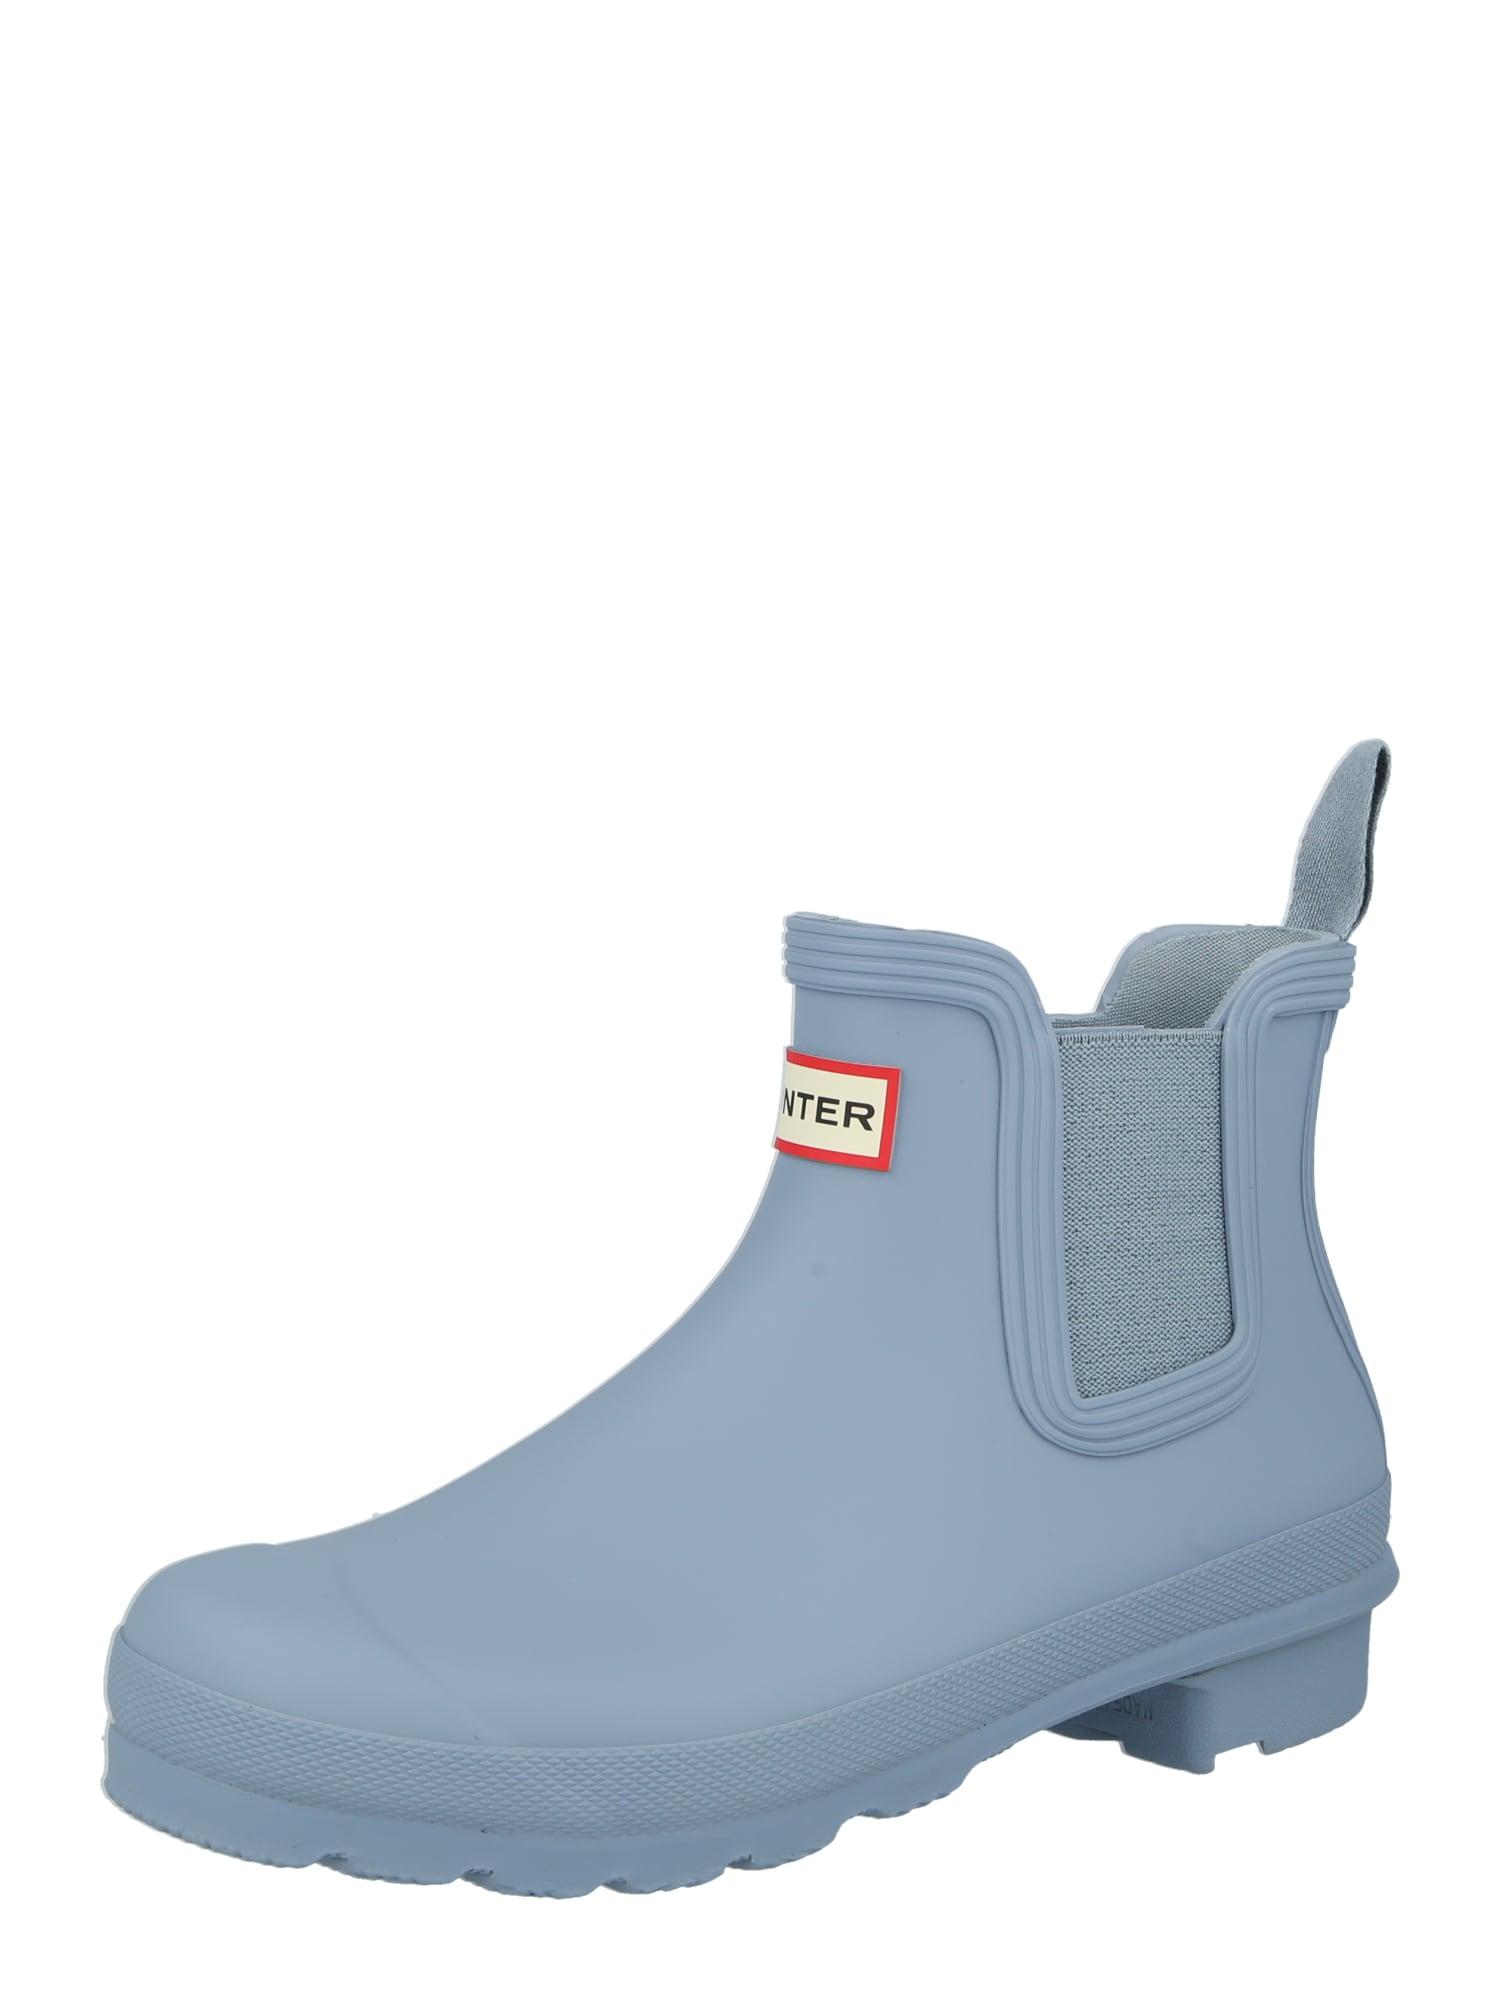 HUNTER Guminiai batai mėlyna dūmų spalva